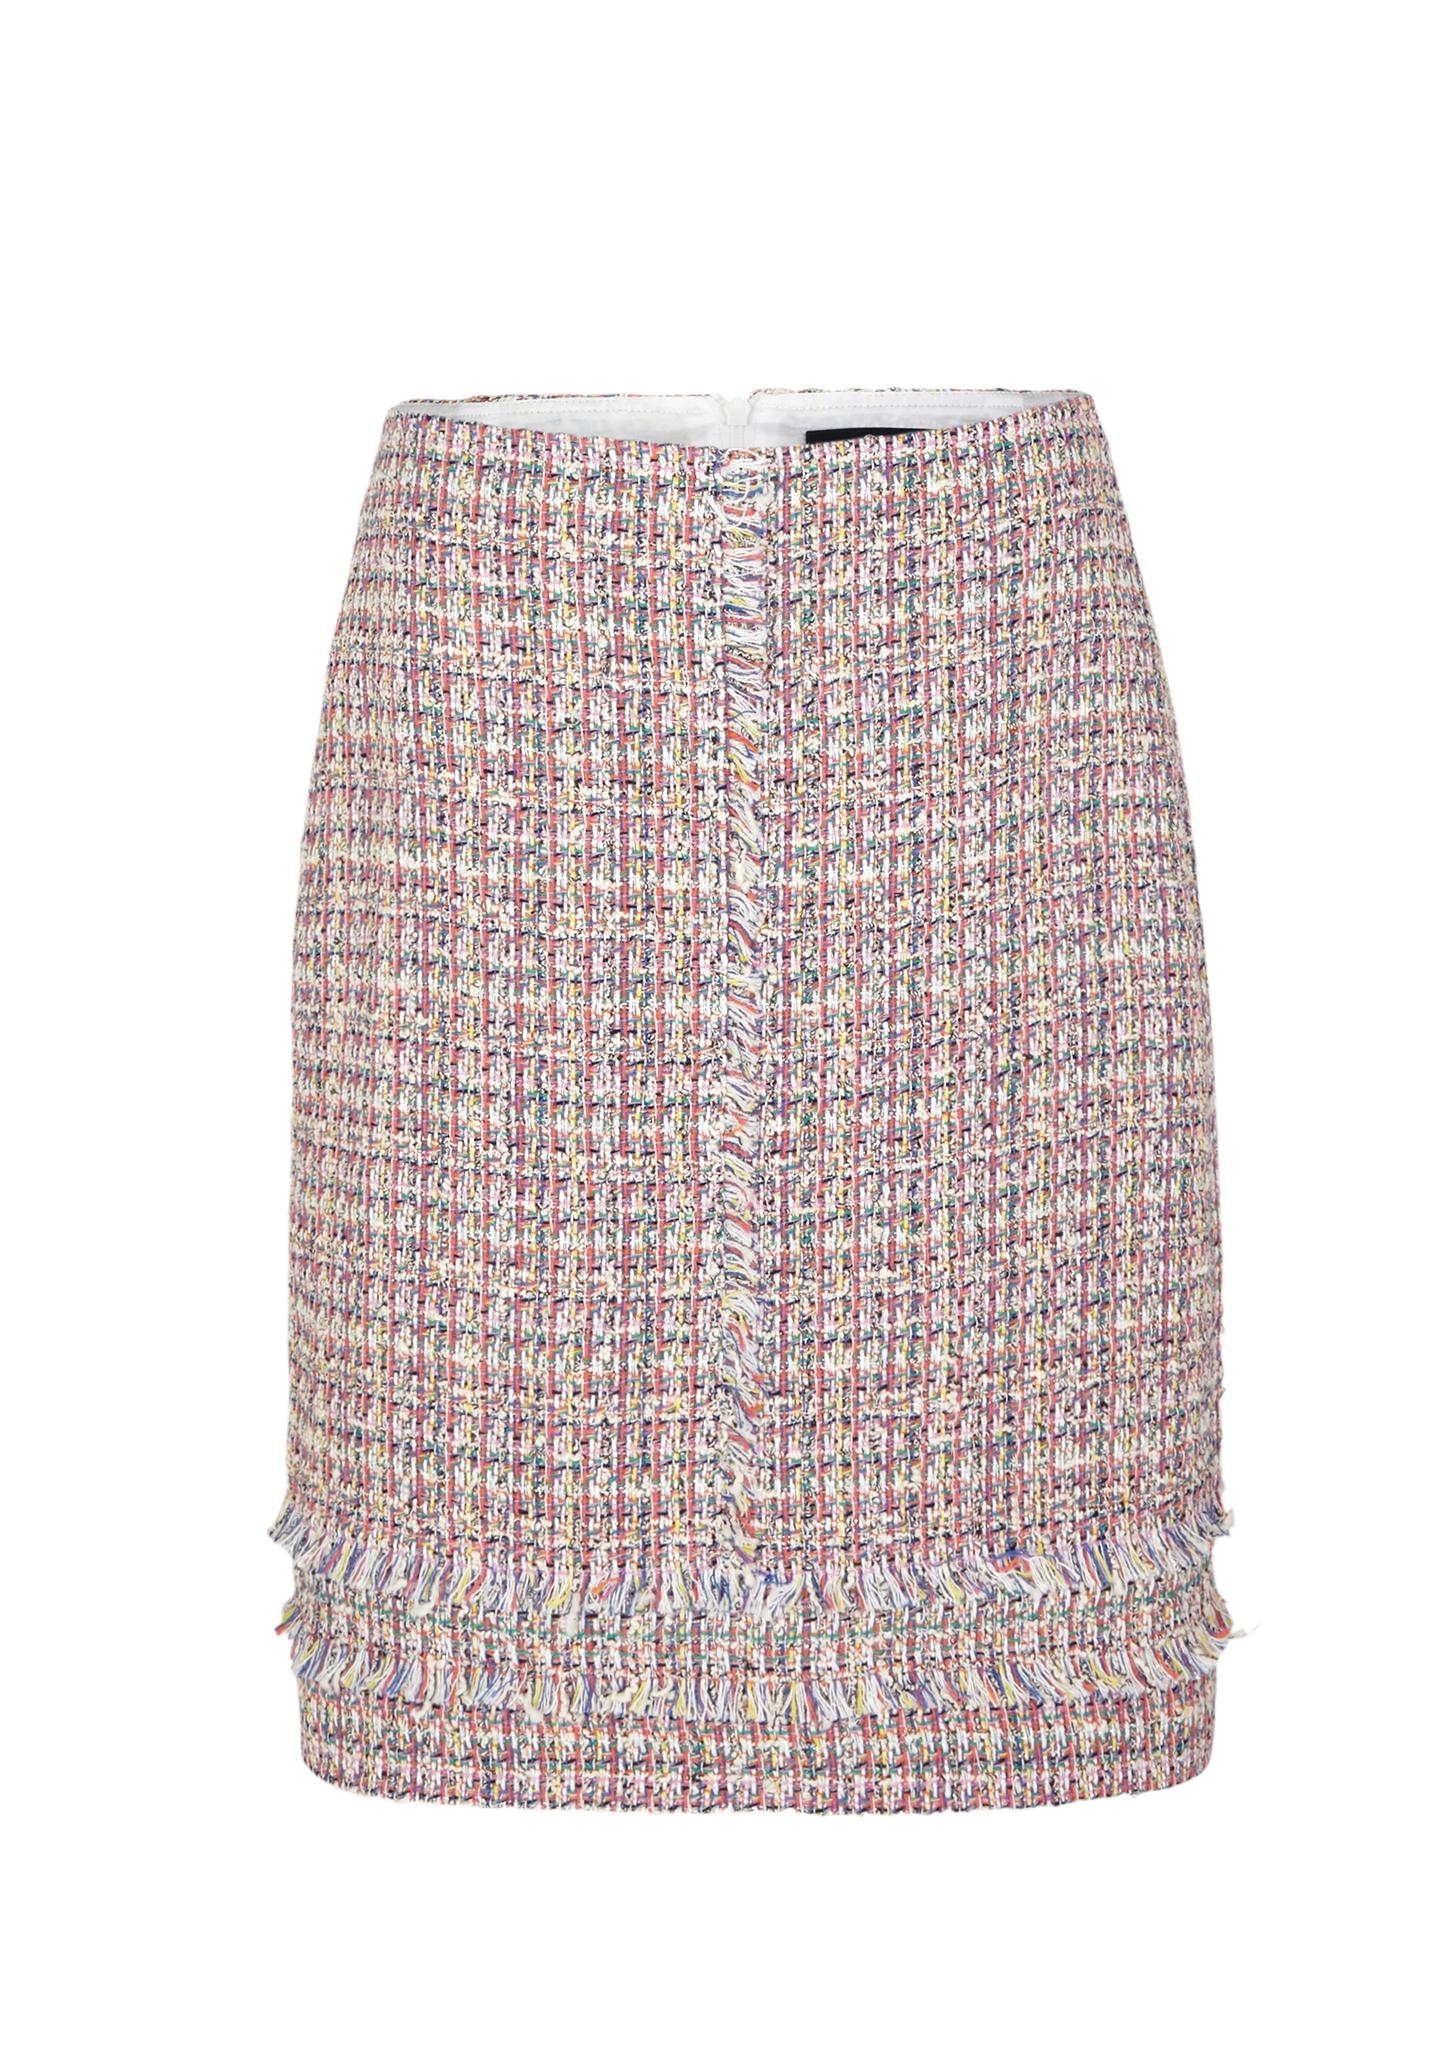 a1c38b406e2d Röcke » rosa-boucl- Damen-Sonstige Röcke online kaufen | Damenmode ...